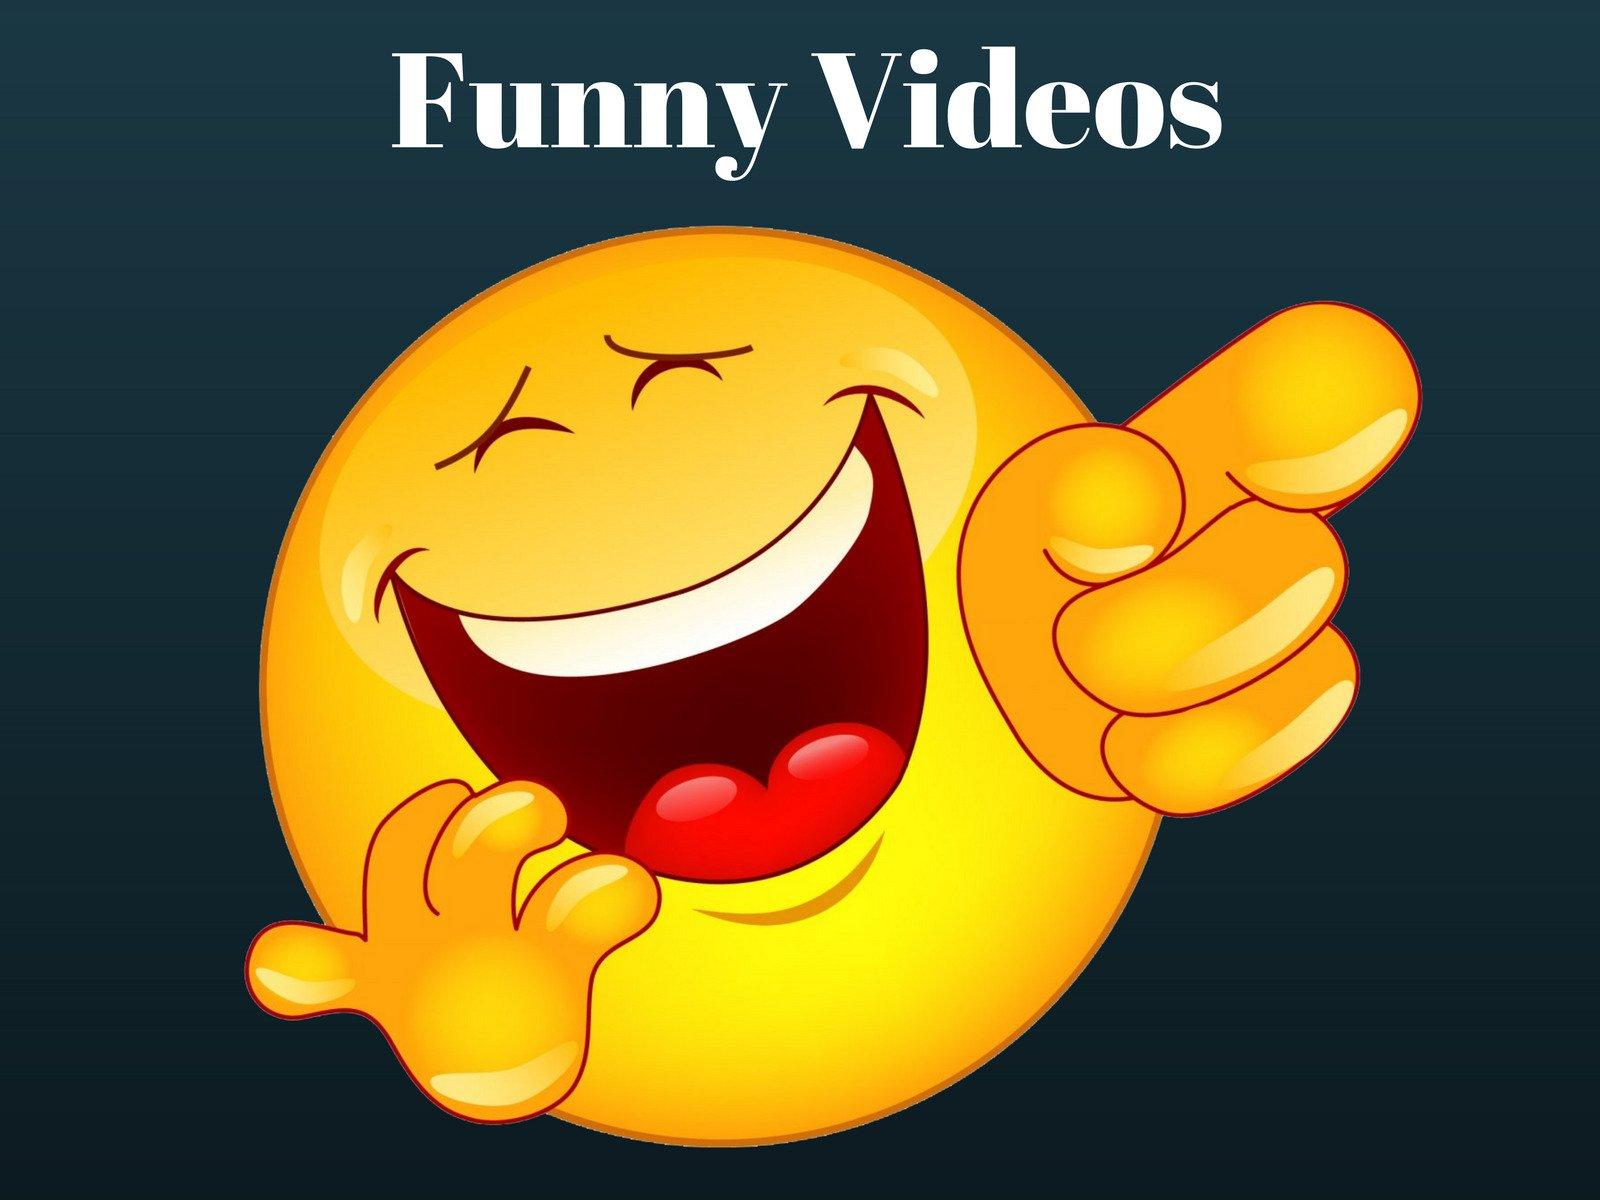 Clip: Funny Videos - Season 1